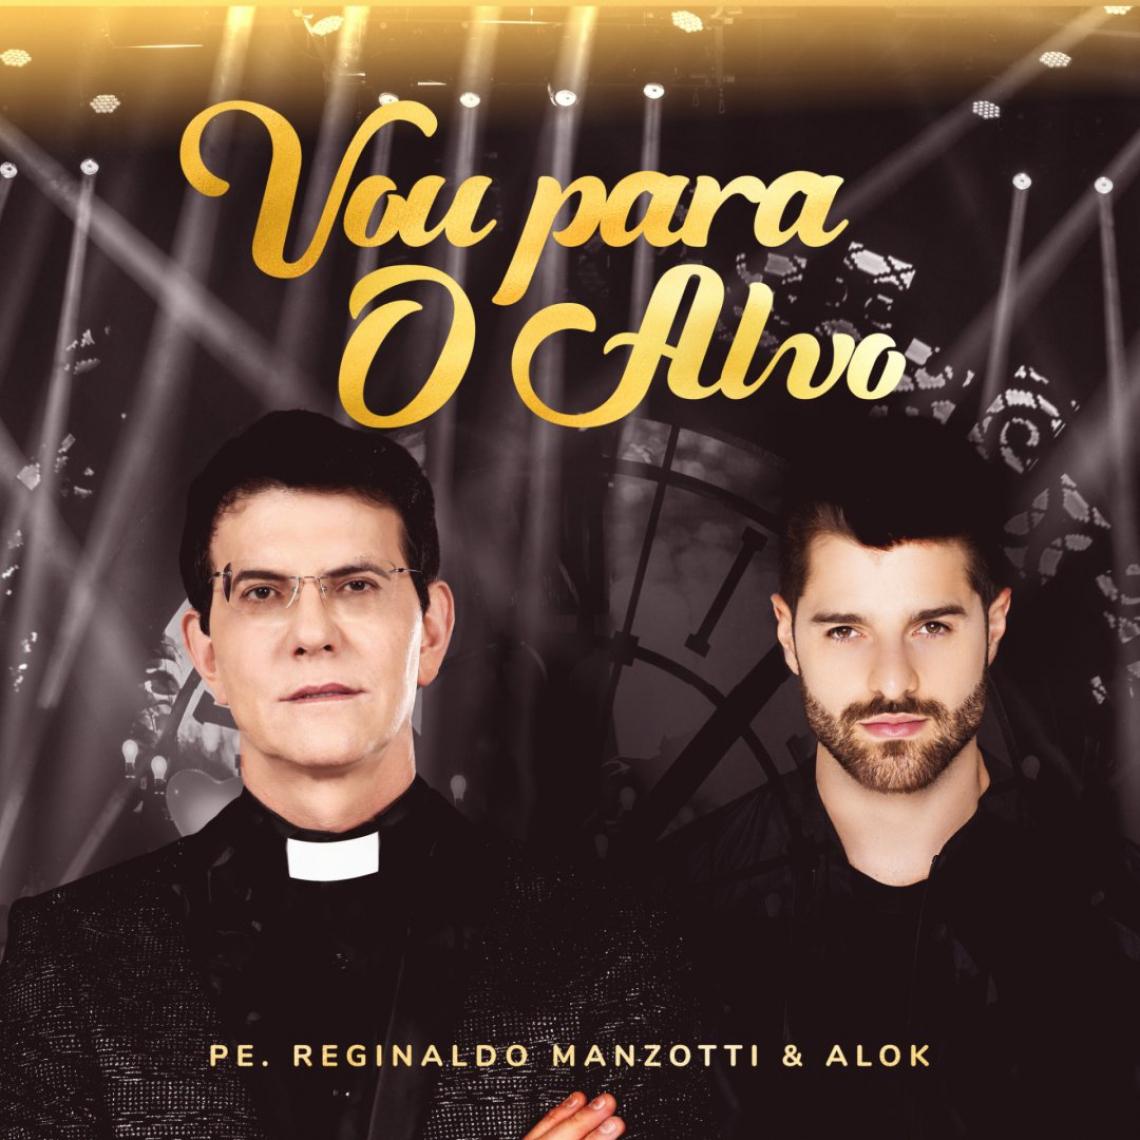 Capa do novo single, com participação do DJ